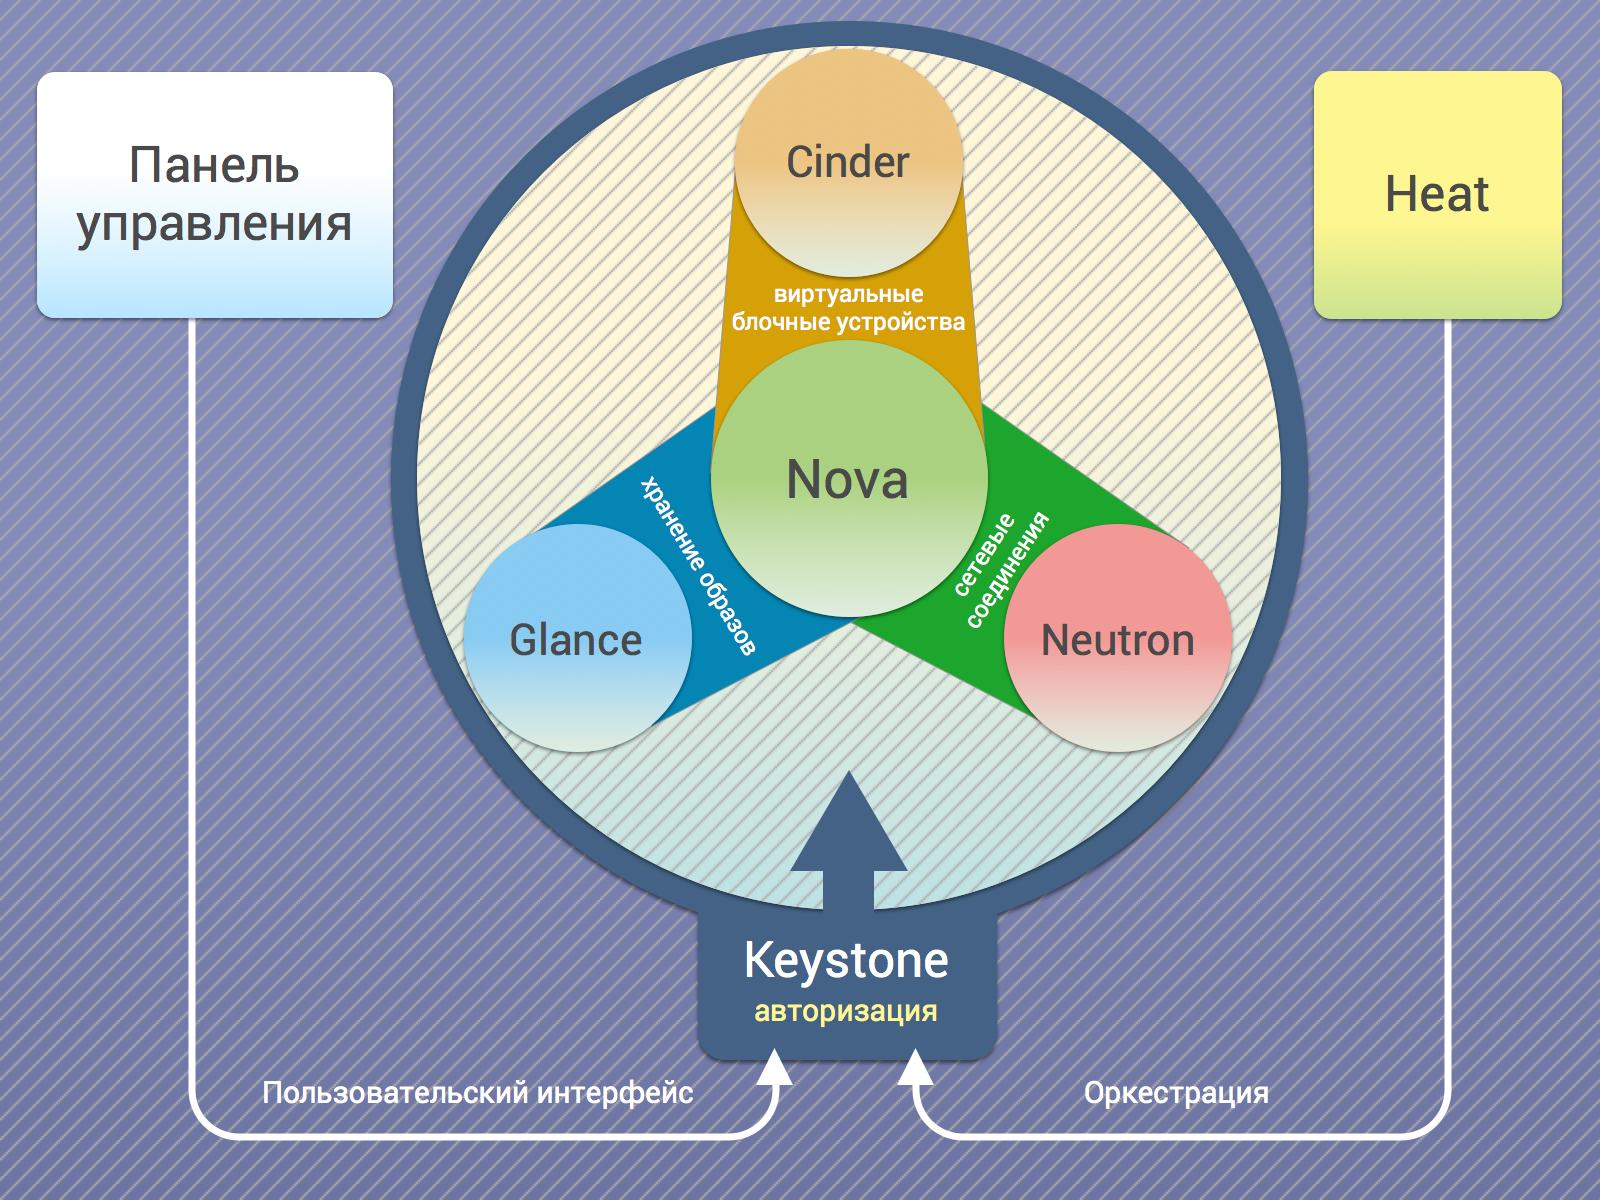 компоненты OpenStack